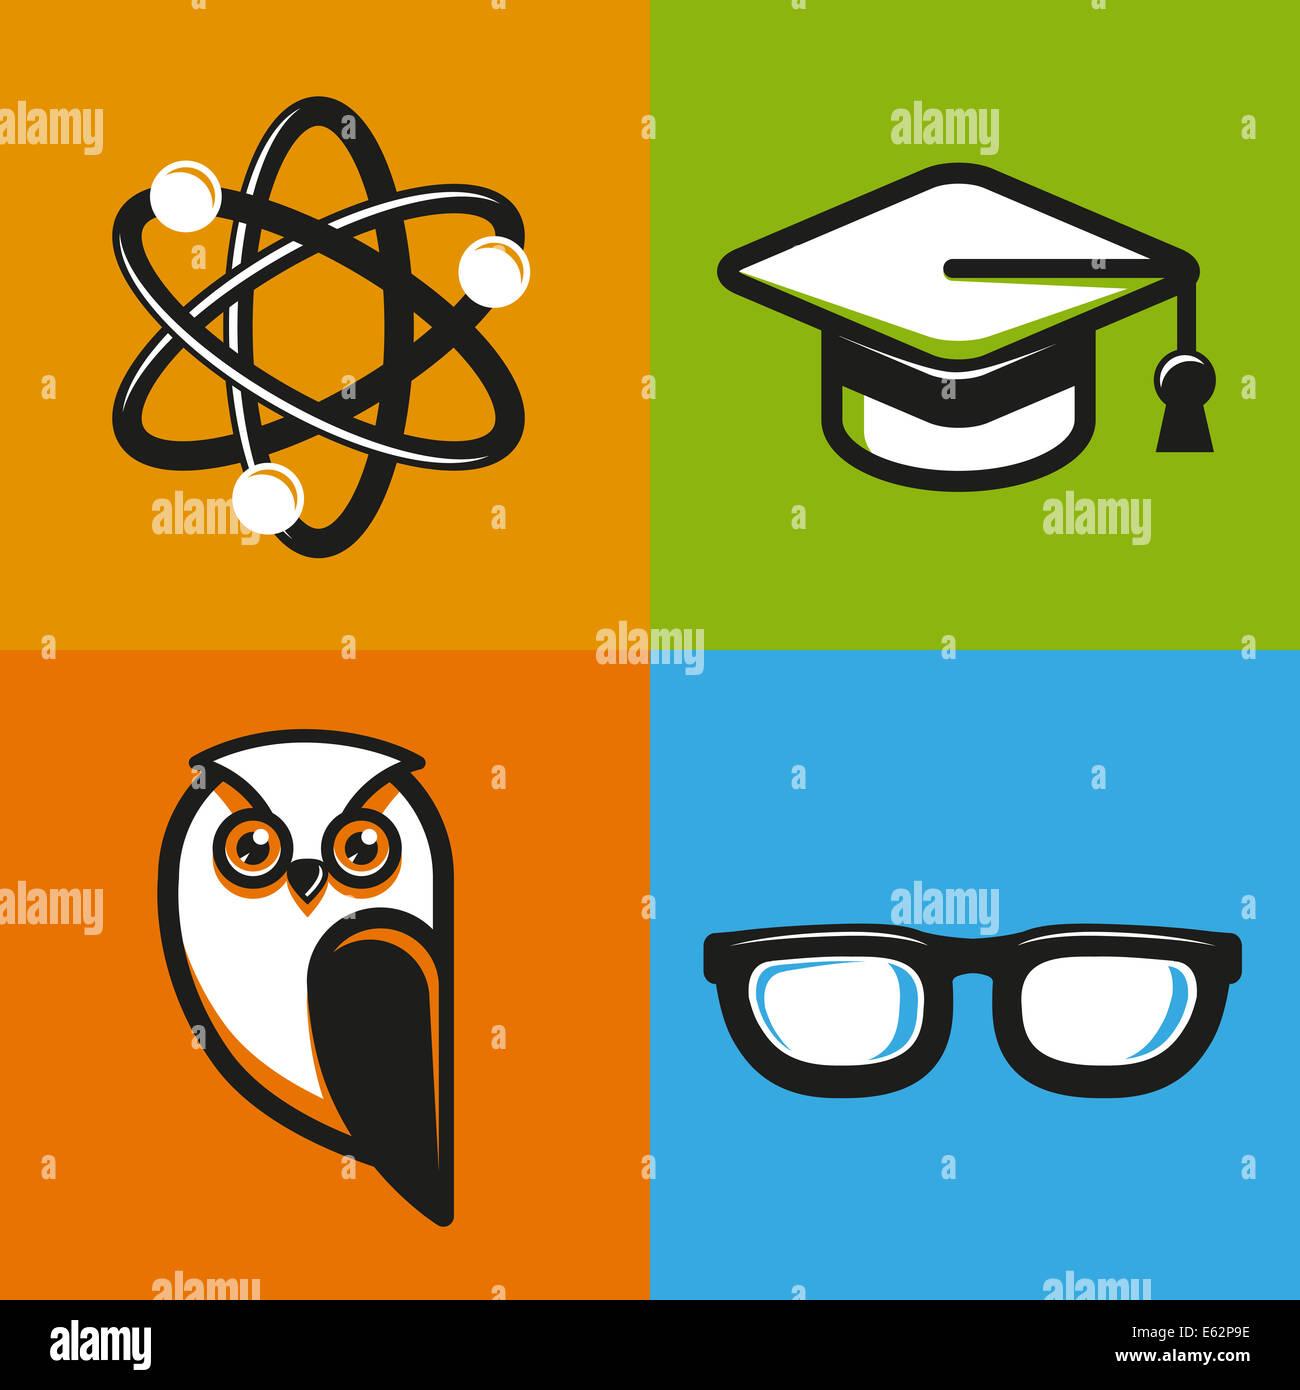 Bildungskonzepte in flachen Umriss-Stil - Schule und Universität Symbole und Zeichen Stockbild